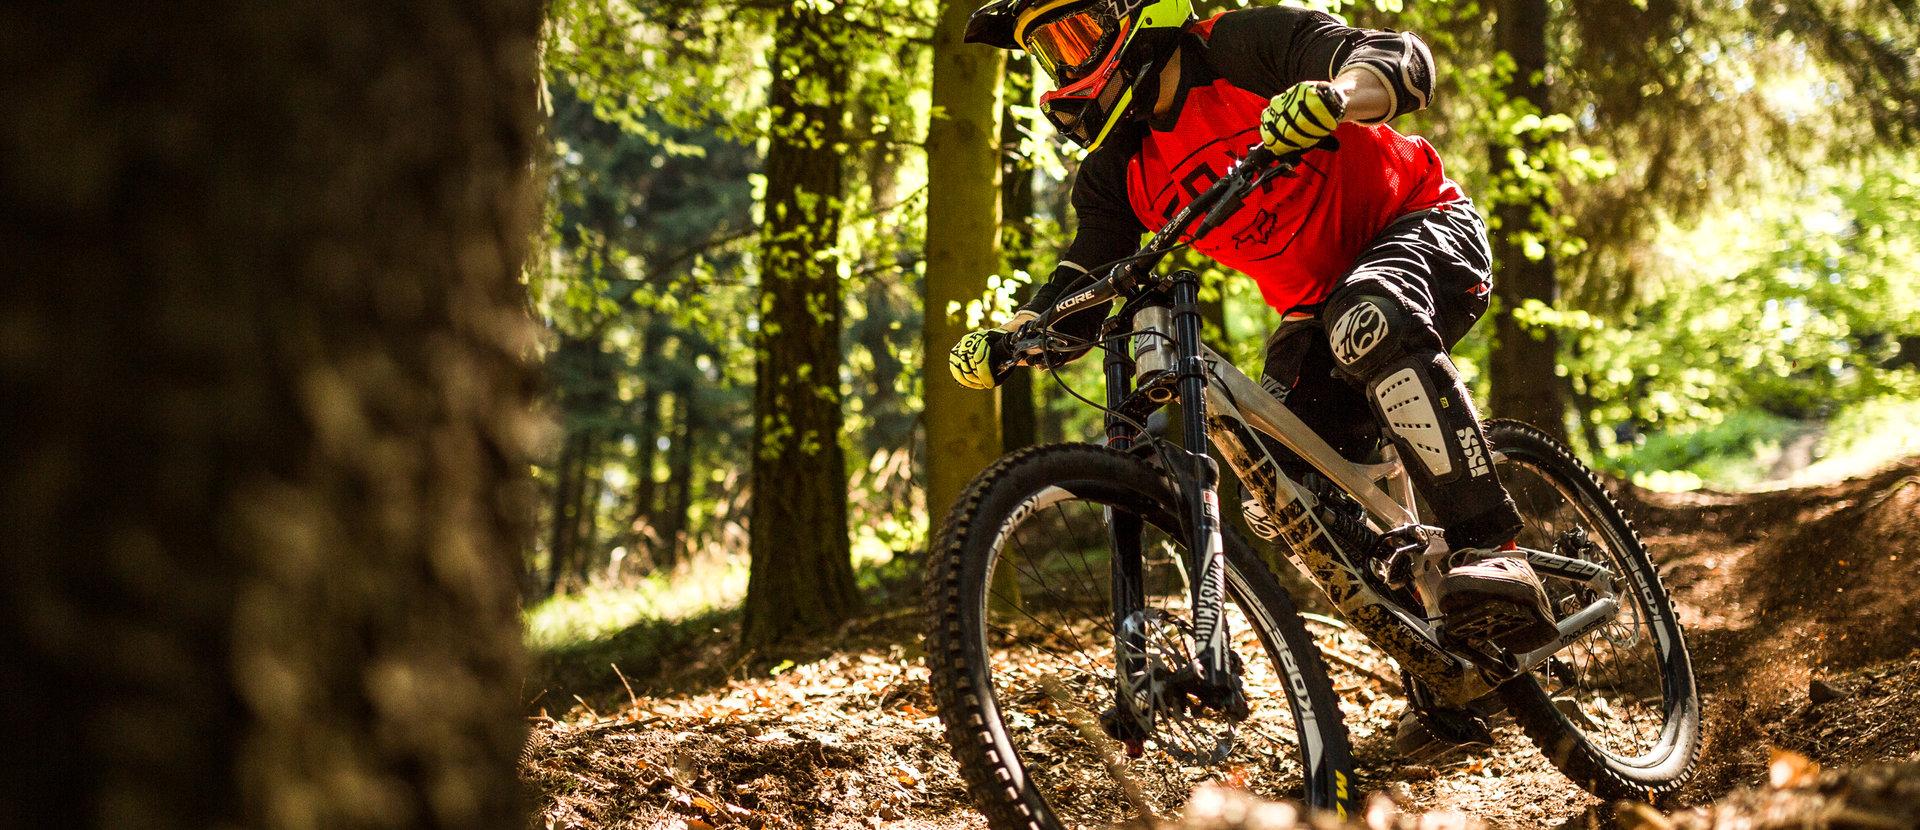 štěrk na kole v Horní Lužici Adrenalinový spěch a výškové metry